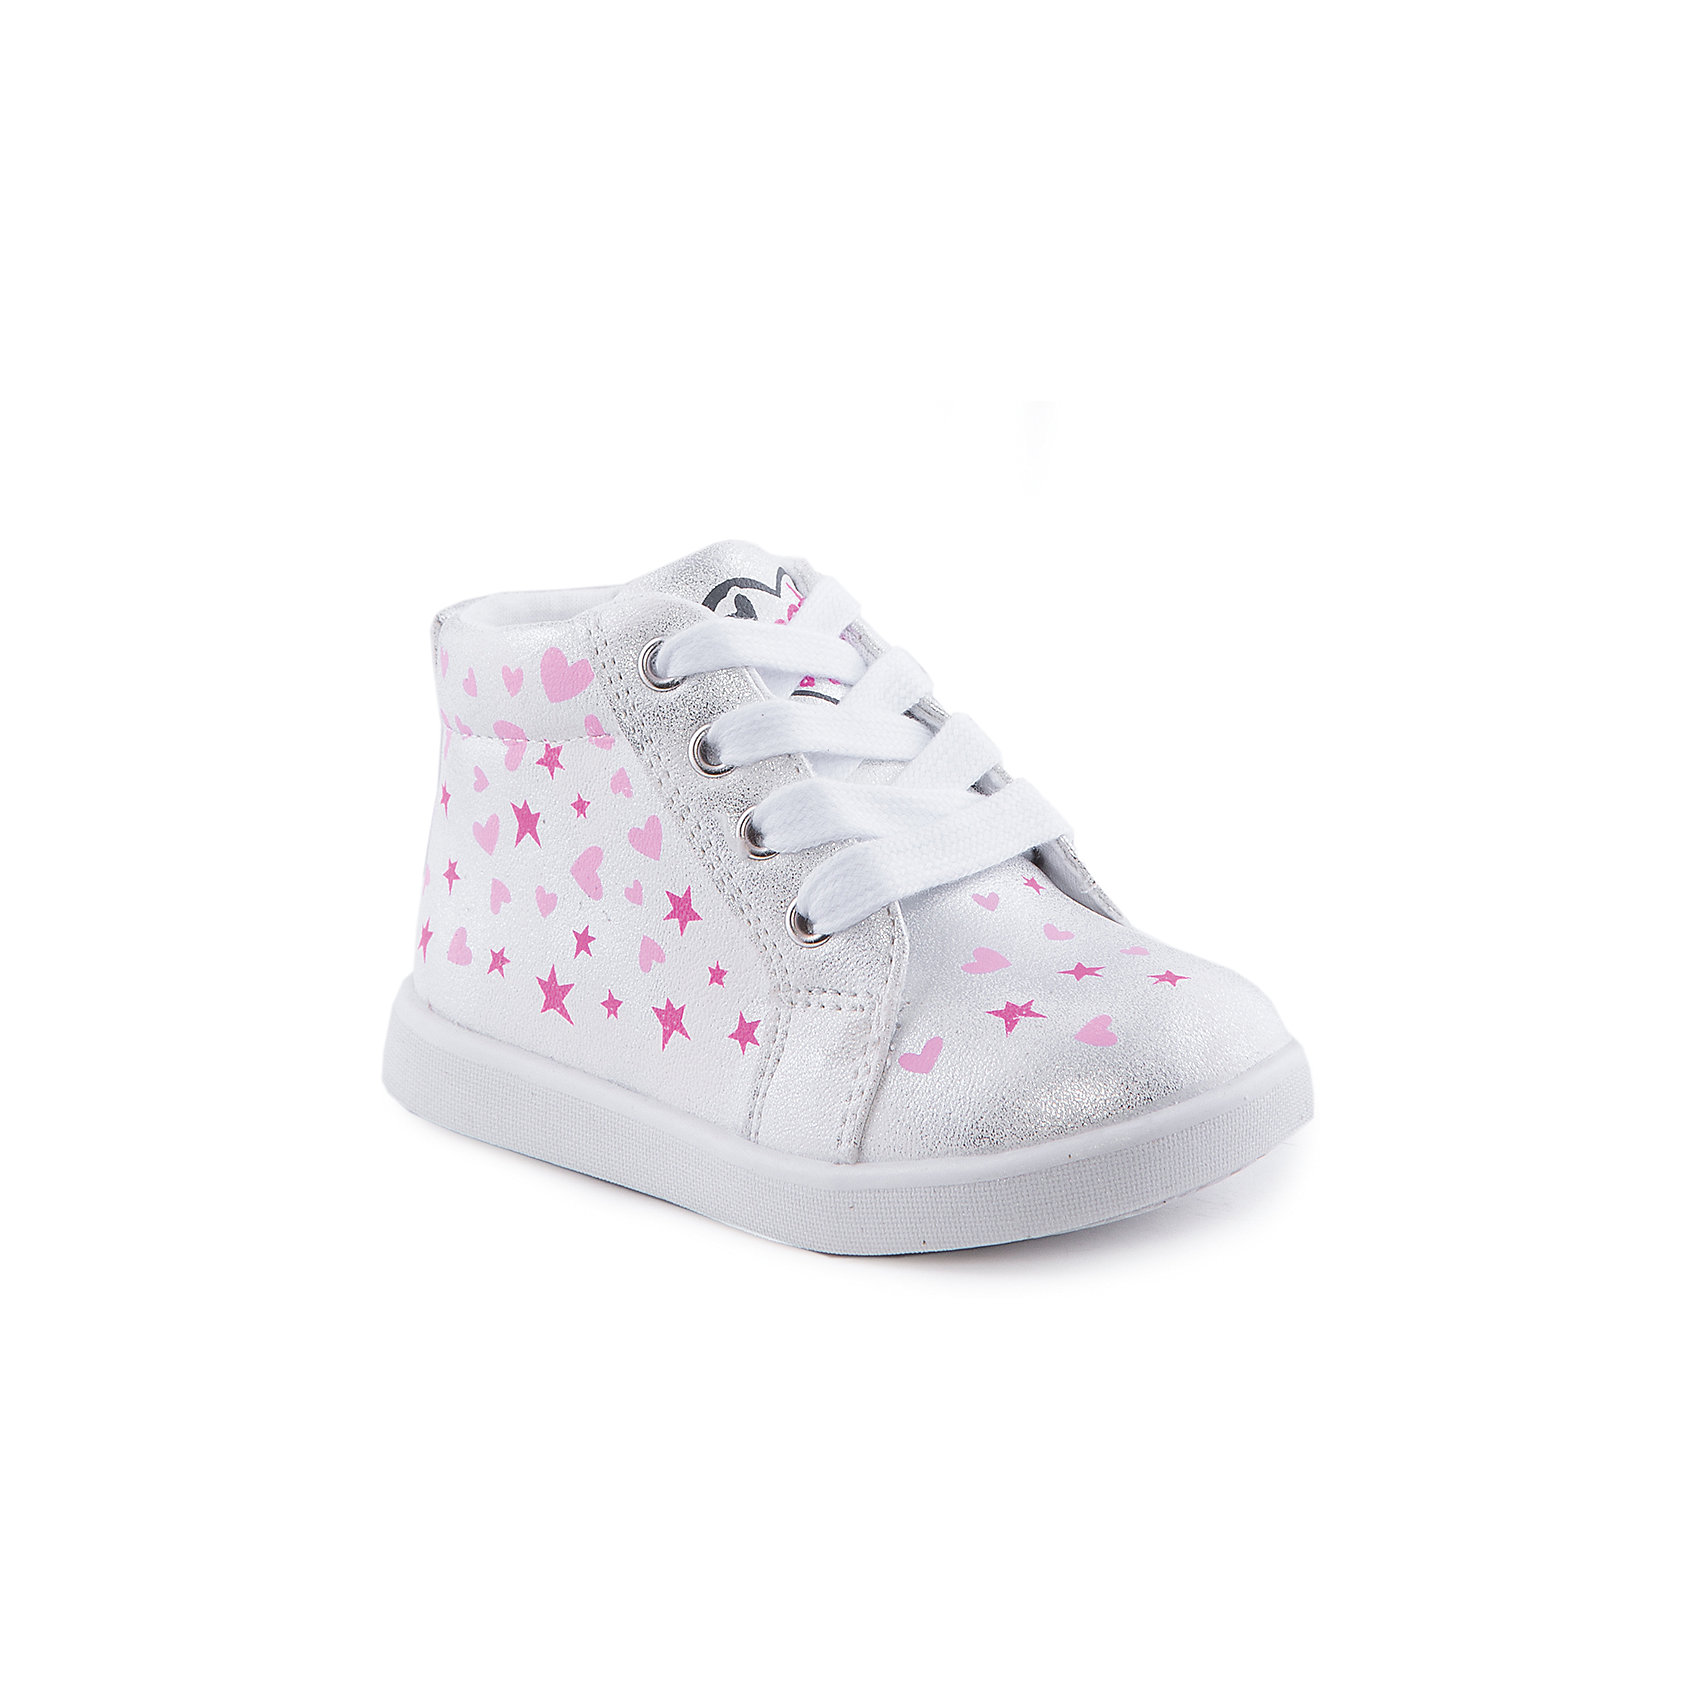 Ботинки для девочки Indigo kidsОбувь для малышей<br>Ботинки для девочки от известного бренда Indigo kids<br><br>Очень красивые нарядные ботинки могут быть и очень удобными! Яркий цвет делает эту модель стильной и привлекающей внимание. Ботинки легко надеваются благодаря шнуровке и молнии и комфортно садятся по ноге. <br><br>Особенности модели:<br><br>- цвет - белый, блестящие;<br>- стильный дизайн;<br>- удобная колодка;<br>- текстильная подкладка;<br>- украшены принтом из сердечек и звездочек;<br>- устойчивая подошва;<br>- контрастные шнурки;<br>- застежки: шнуровка, молния.<br><br>Дополнительная информация:<br><br>Температурный режим:<br>от +5° С до +20° С<br><br>Состав:<br><br>верх – искусственная кожа;<br>подкладка - текстиль;<br>подошва - ТЭП.<br><br>Ботинки для девочки Indigo kids (Индиго Кидс) можно купить в нашем магазине.<br><br>Ширина мм: 262<br>Глубина мм: 176<br>Высота мм: 97<br>Вес г: 427<br>Цвет: белый<br>Возраст от месяцев: 12<br>Возраст до месяцев: 15<br>Пол: Женский<br>Возраст: Детский<br>Размер: 21,26,23,25,24,22<br>SKU: 4519992